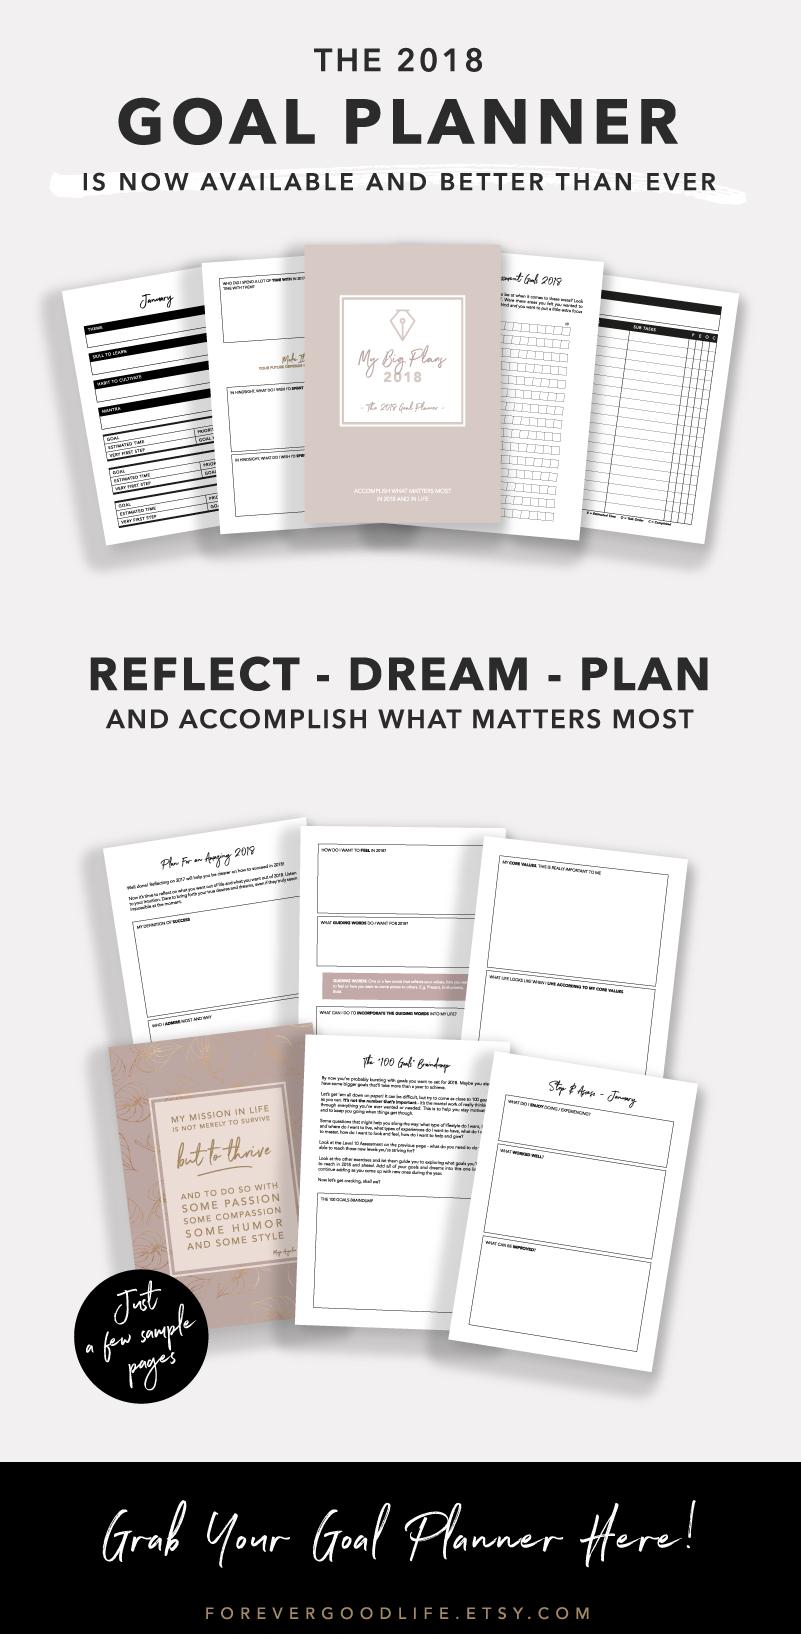 2018 Goal Planner - By ForeverGoodLife